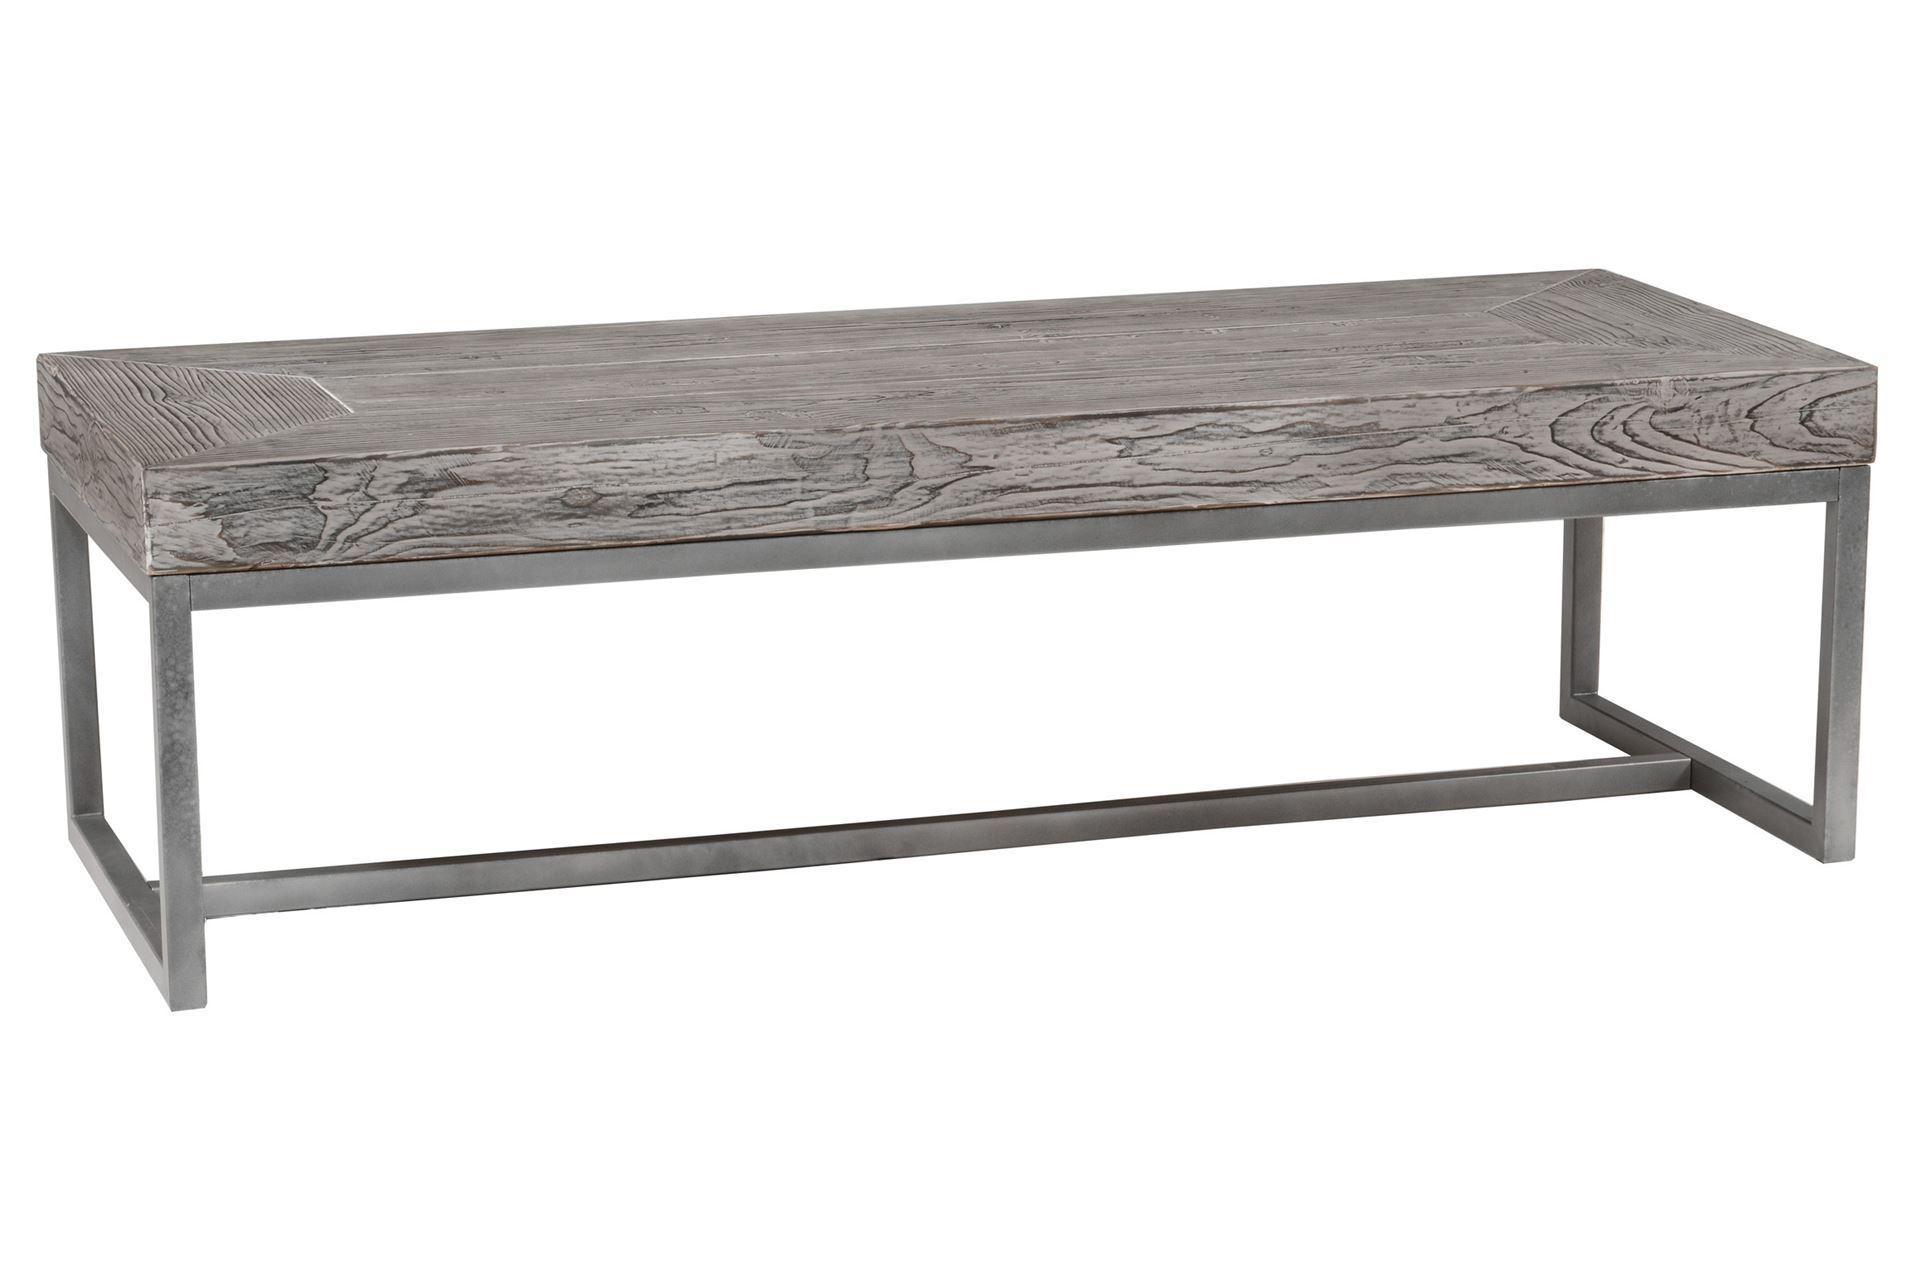 Otb Lenox 60 Inch Coffee Table Living Spaces